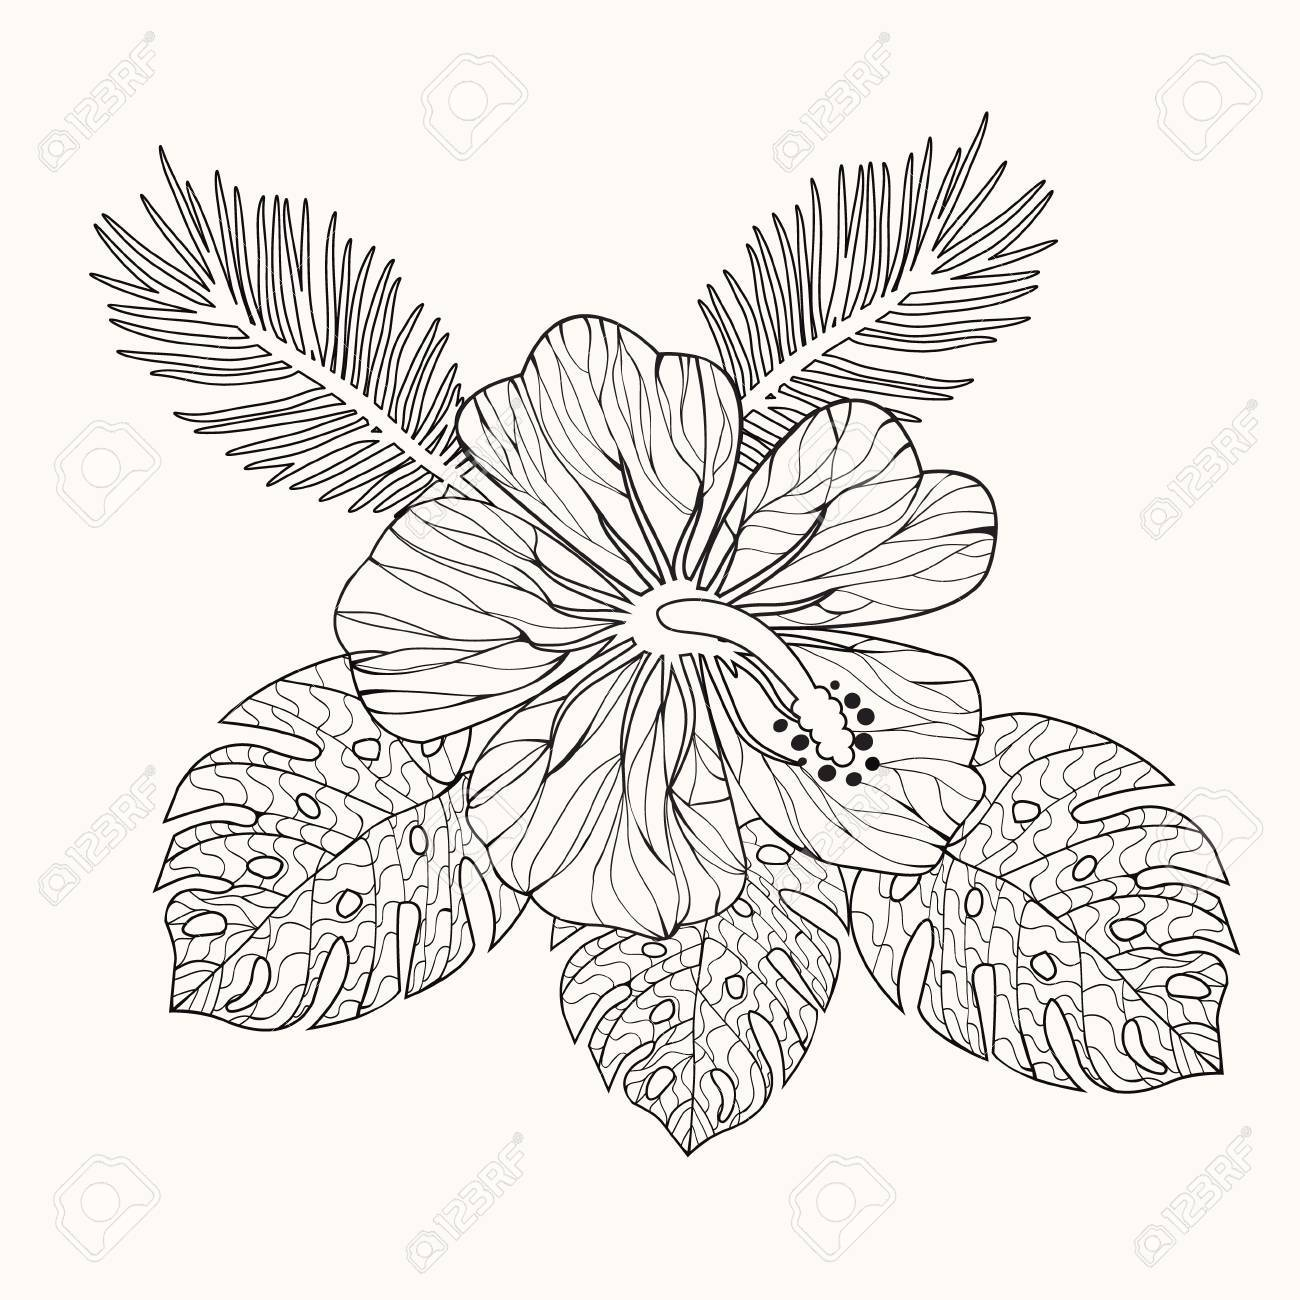 Vektor Hibiskusblüten Und Blätter In Schwarz-Weiß-Umriss Für ...